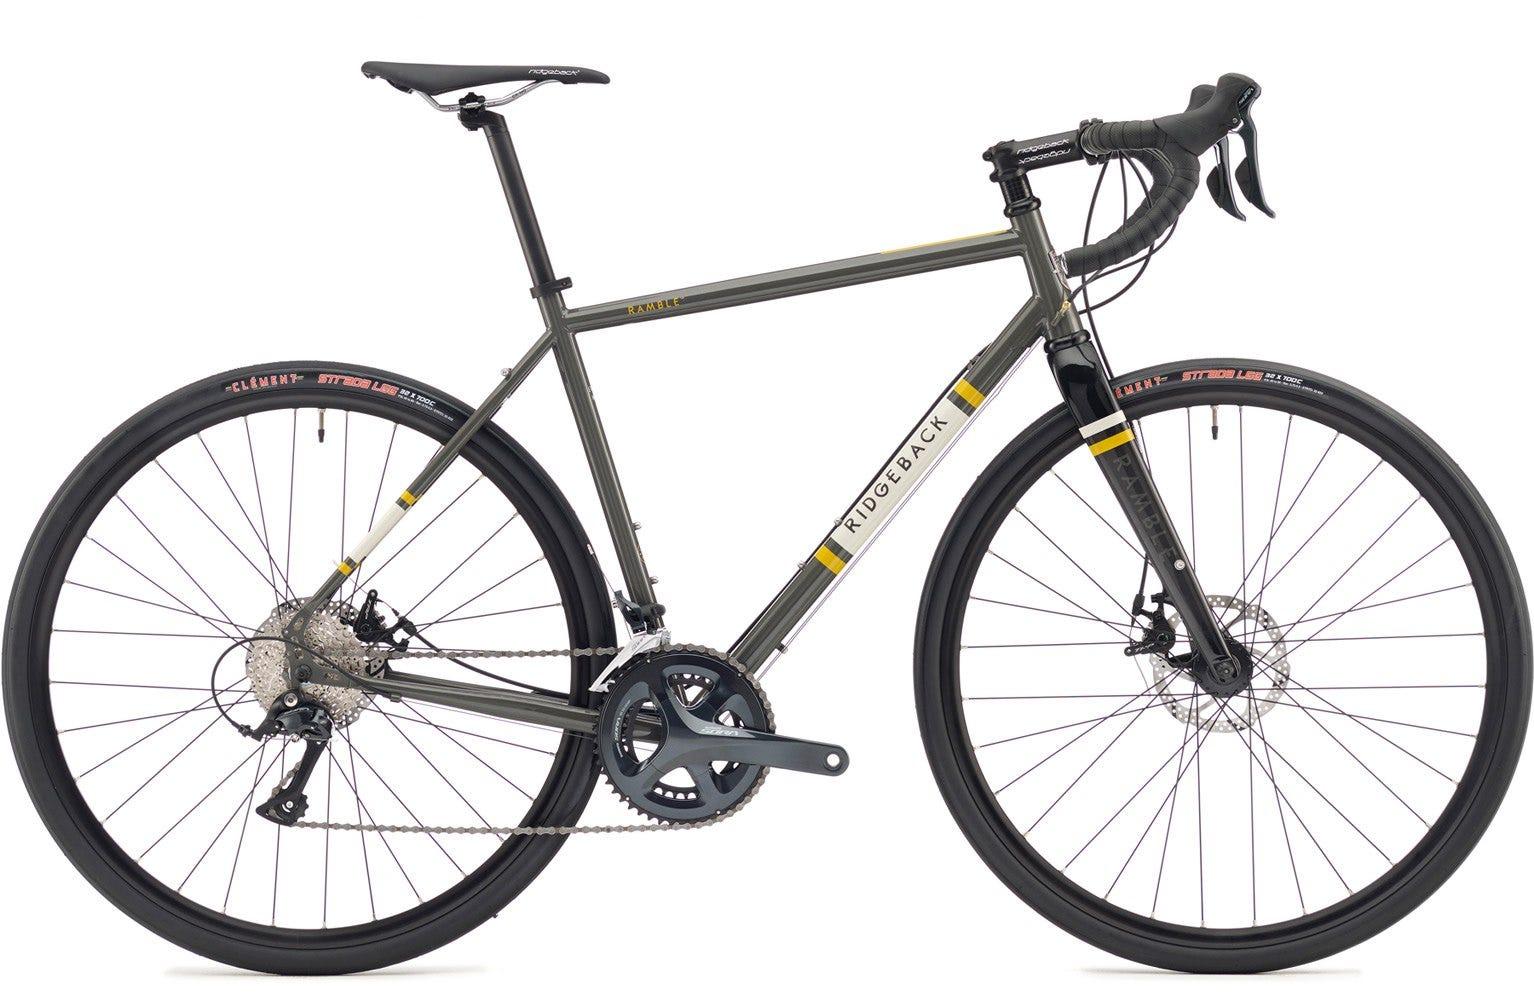 Ridgeback Ramble 01 58 cm bike sample (unused)